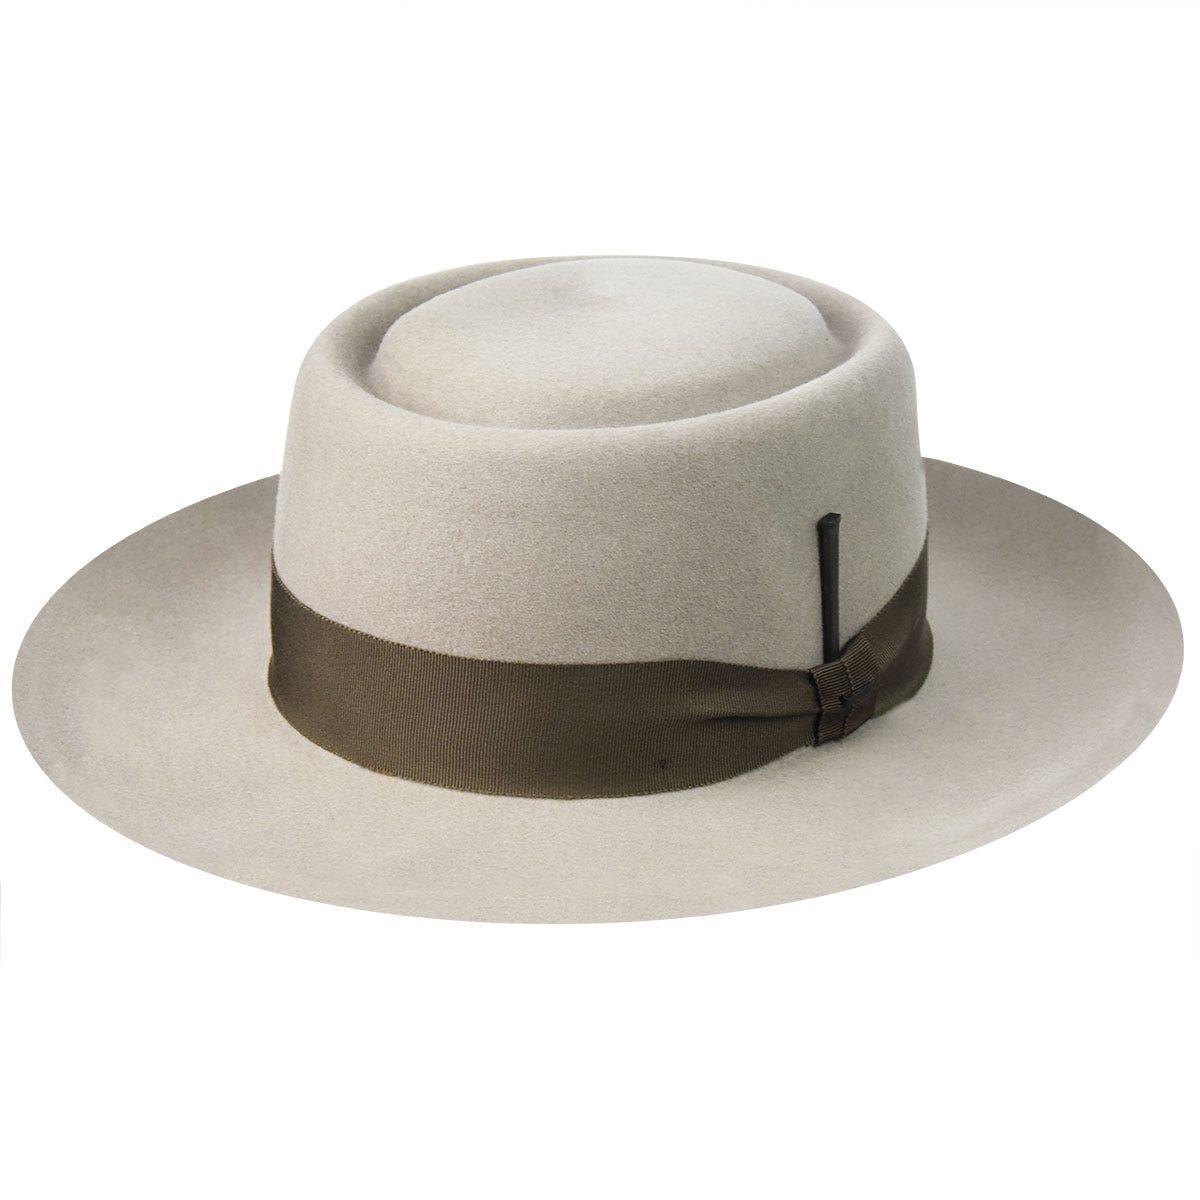 Men's Vintage Style Hats, Retro Hats Walsh Elite Pork Pie $185.00 AT vintagedancer.com